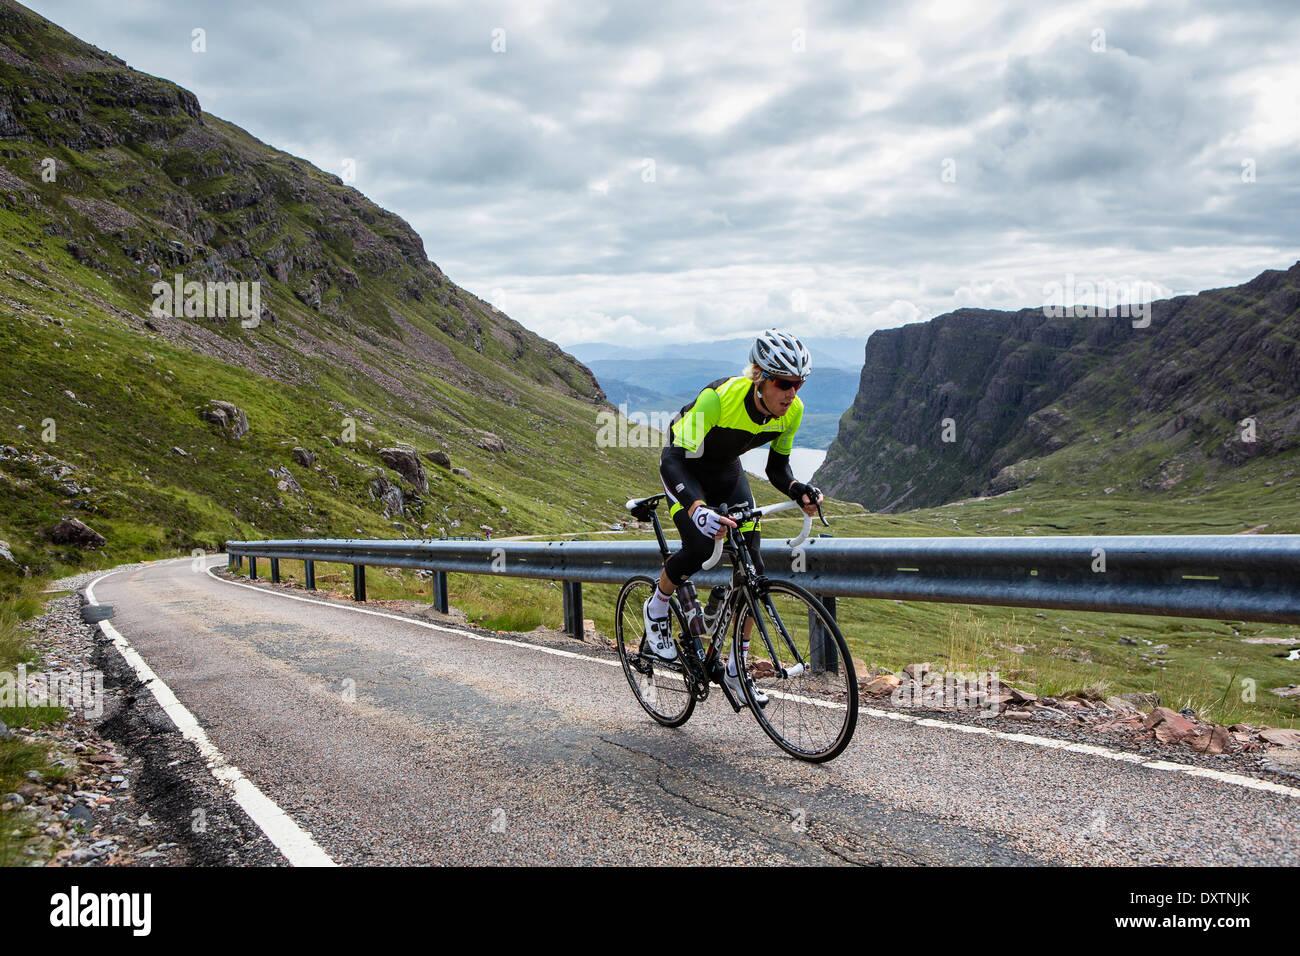 Un ciclista lleva a Gran Bretaña la carretera más larga subida en Lochcarron, Escocia Imagen De Stock